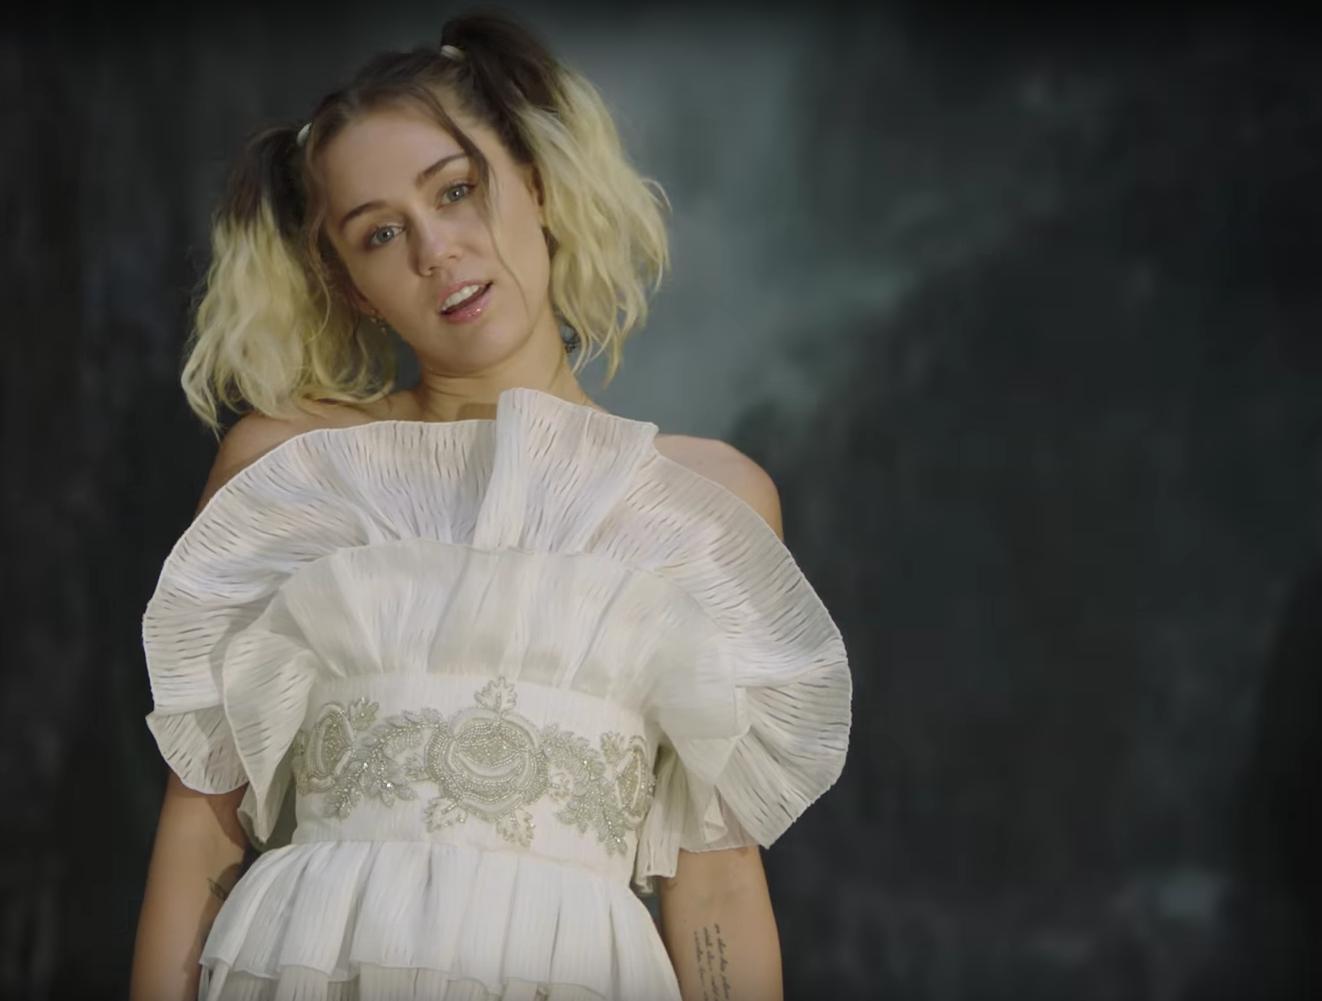 20171305 Miley Cyrus white dress 1